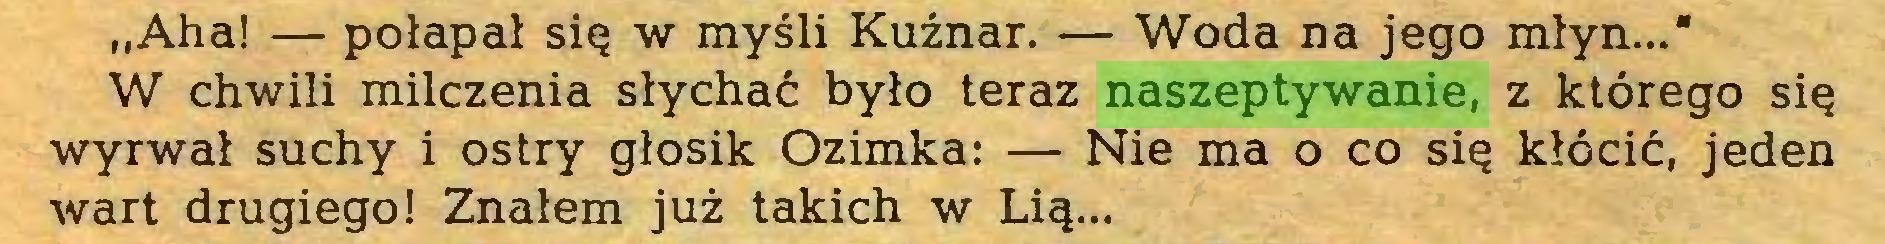 (...) ,,Aha! — połapał się w myśli Kuźnar. — Woda na jego młyn...* W chwili milczenia słychać było teraz naszeptywanie, z którego się wyrwał suchy i ostry głosik Ozimka: — Nie ma o co się kłócić, jeden wart drugiego! Znałem już takich w Lią...